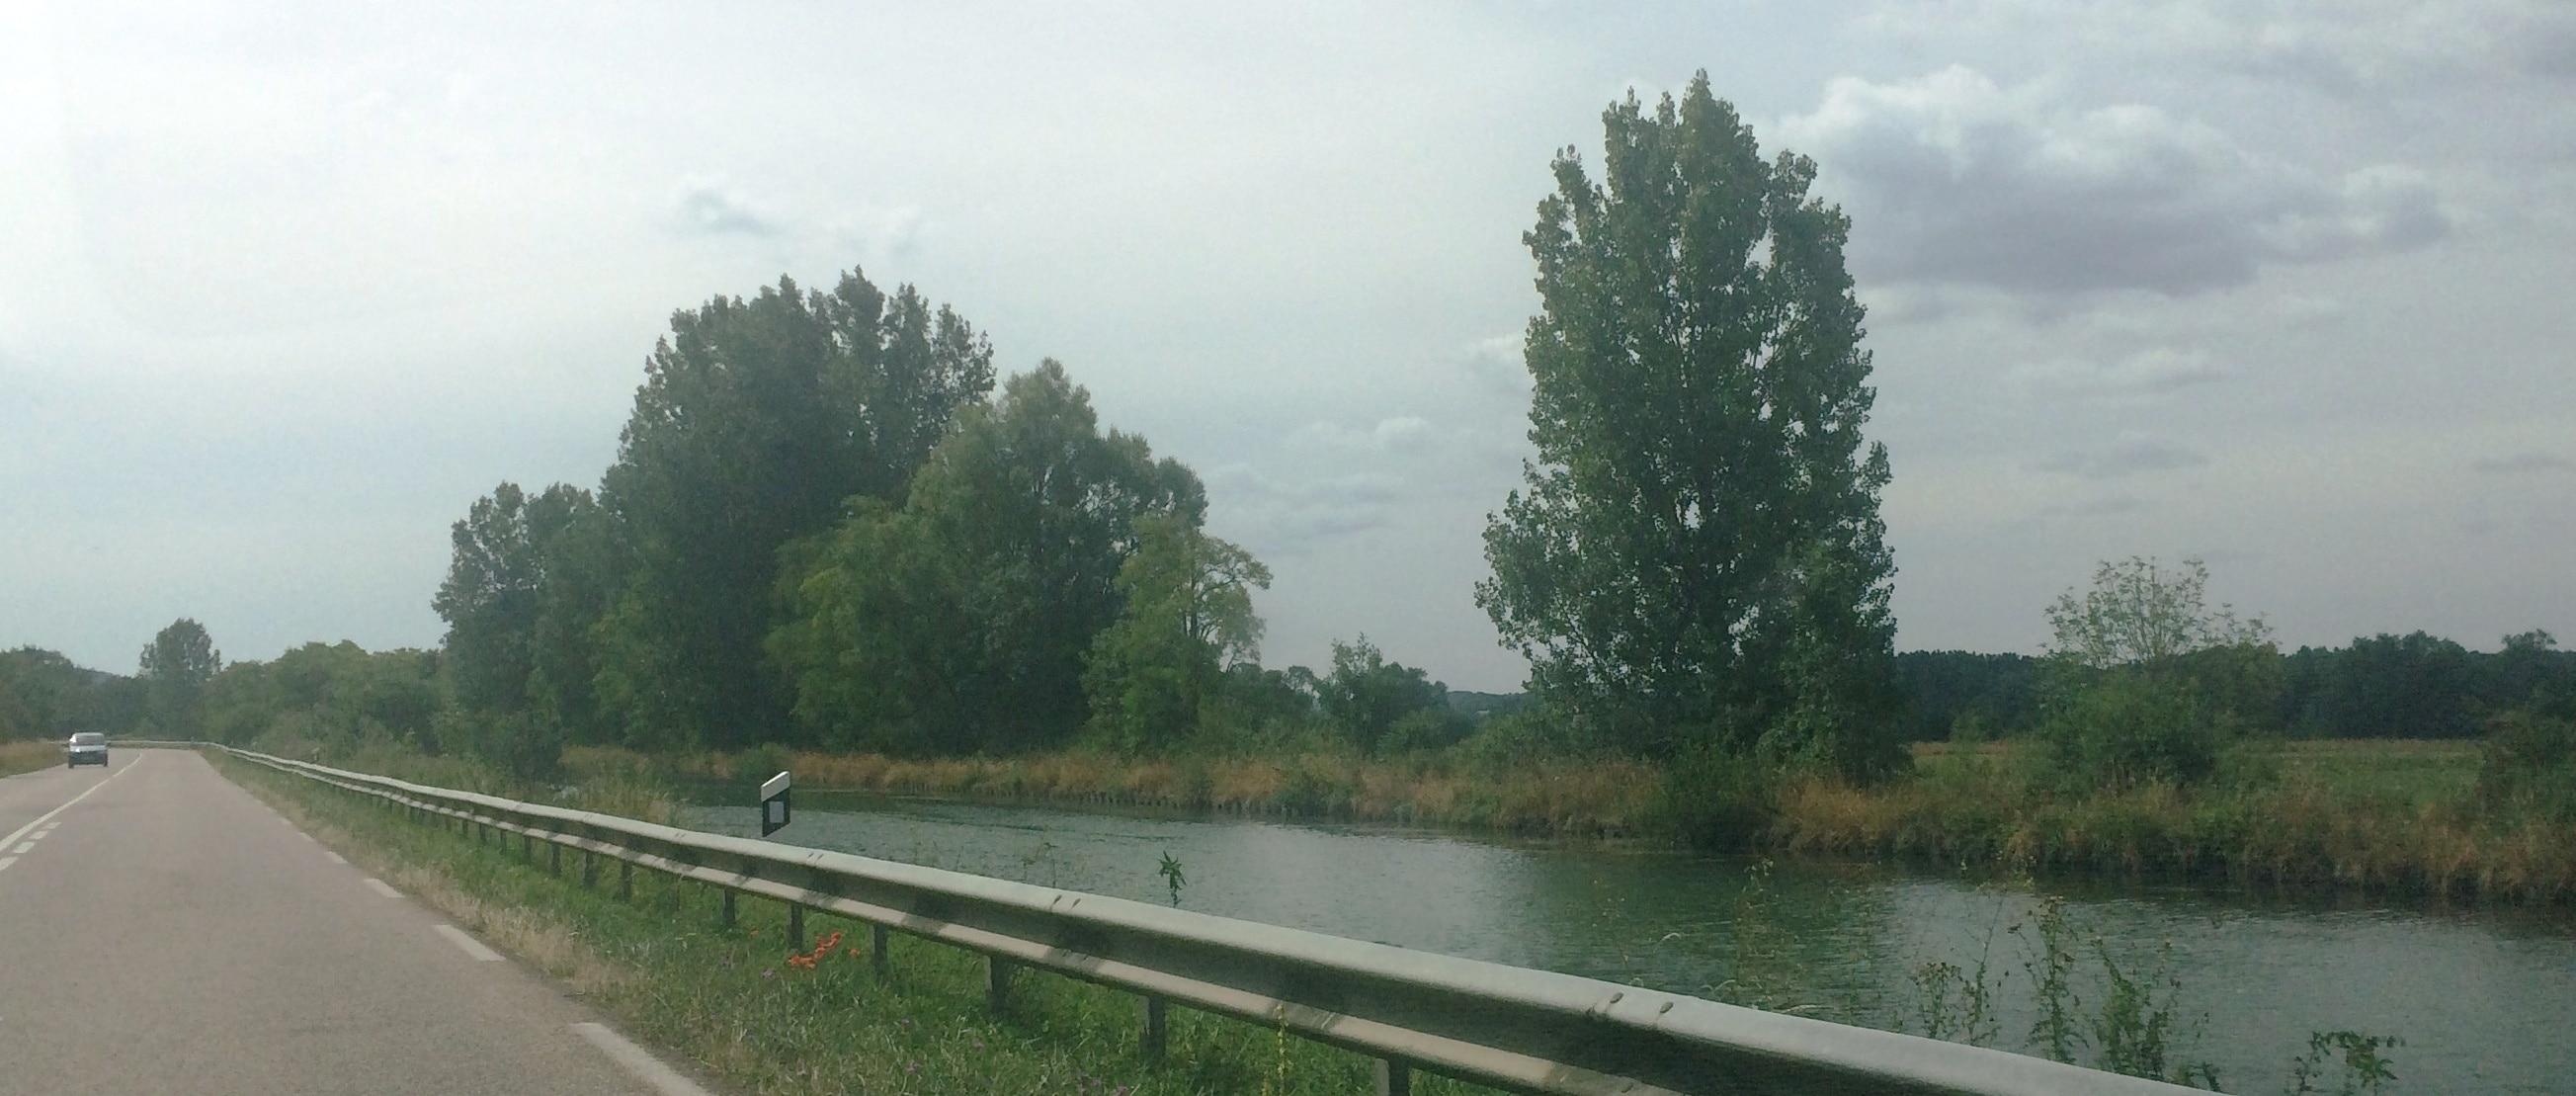 Dieue-sur-Meuse, Meuse, France